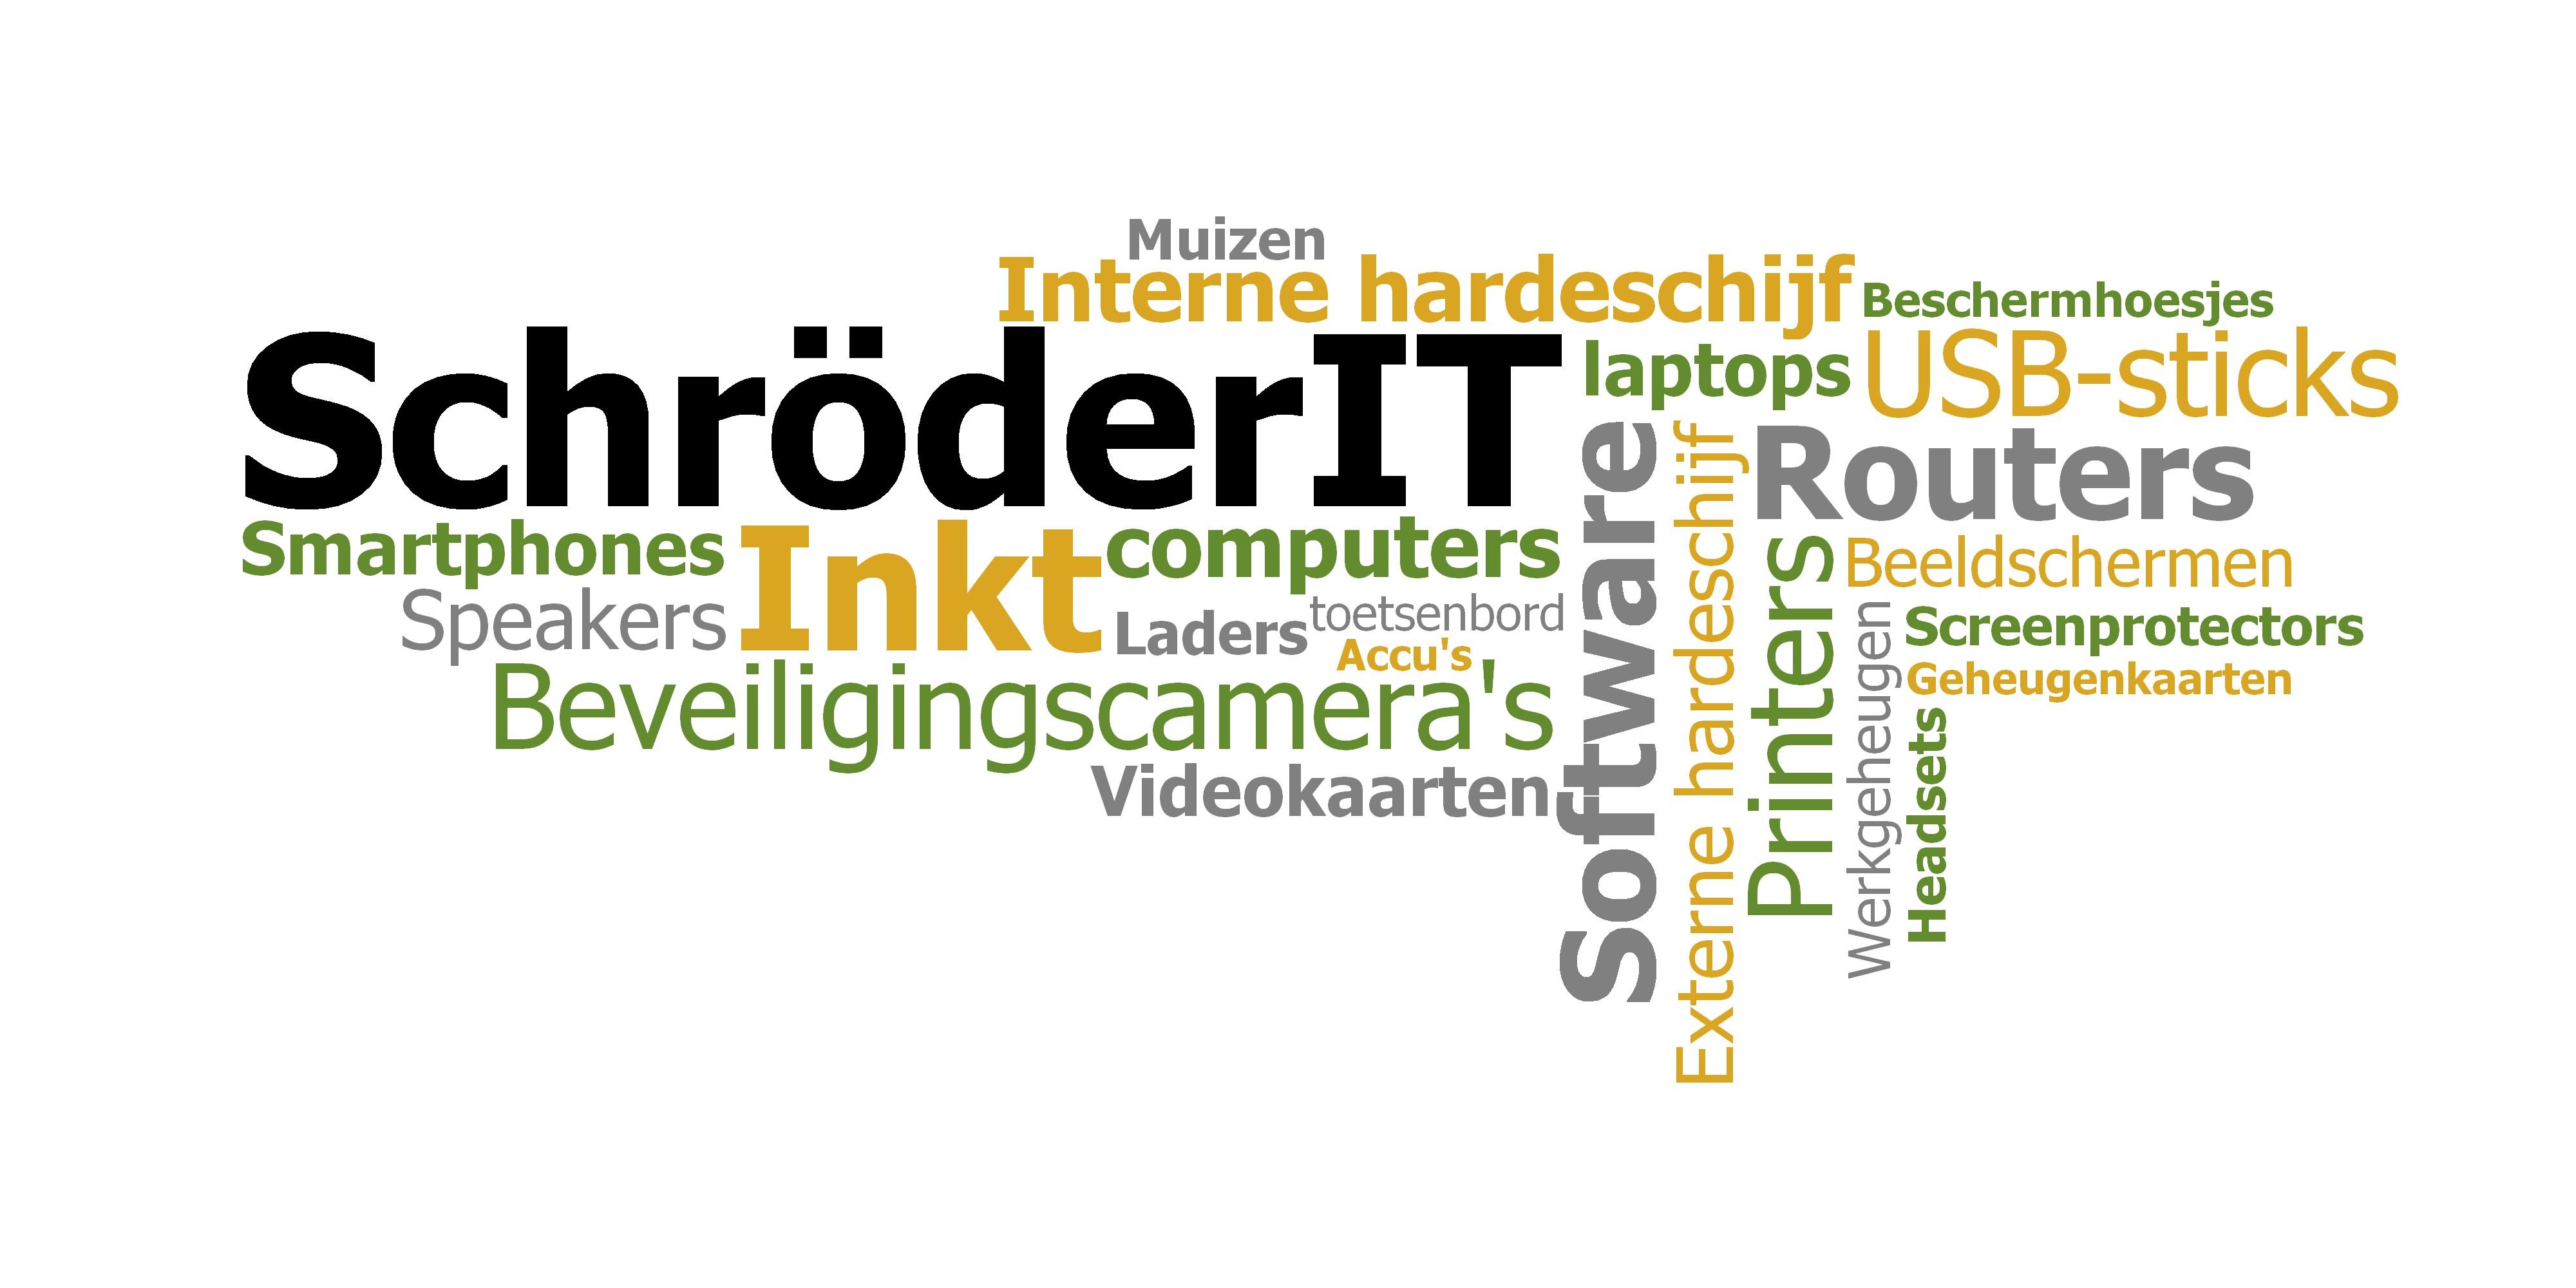 SchroderIT - Verkoop